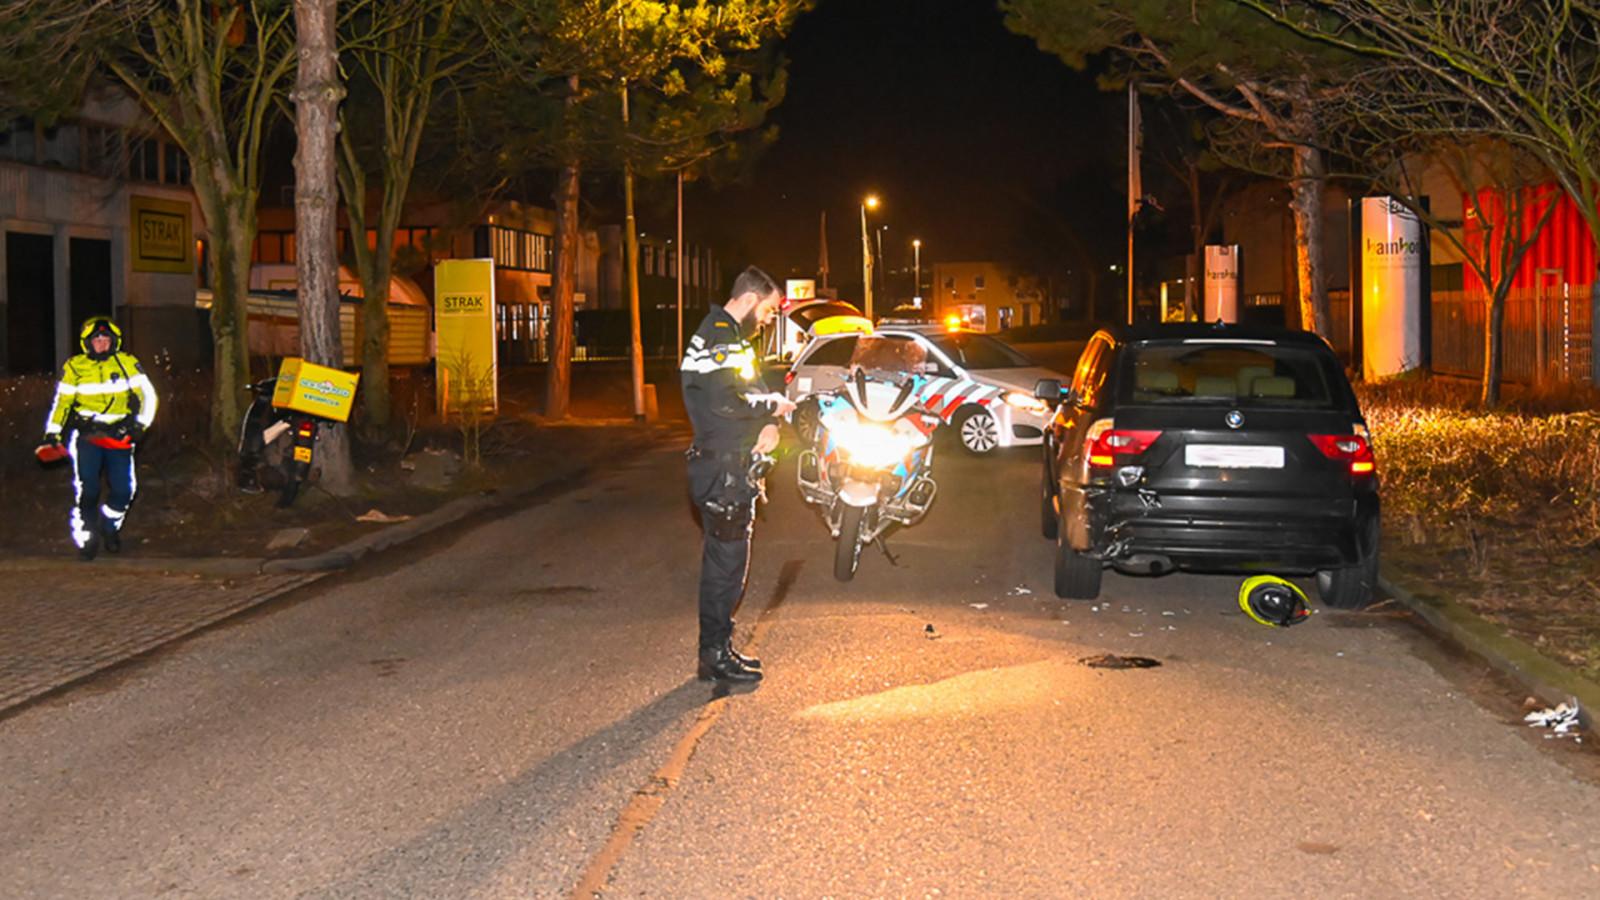 Pizzakoerier gewond bij botsing op geparkeerde auto in Beverwijk.